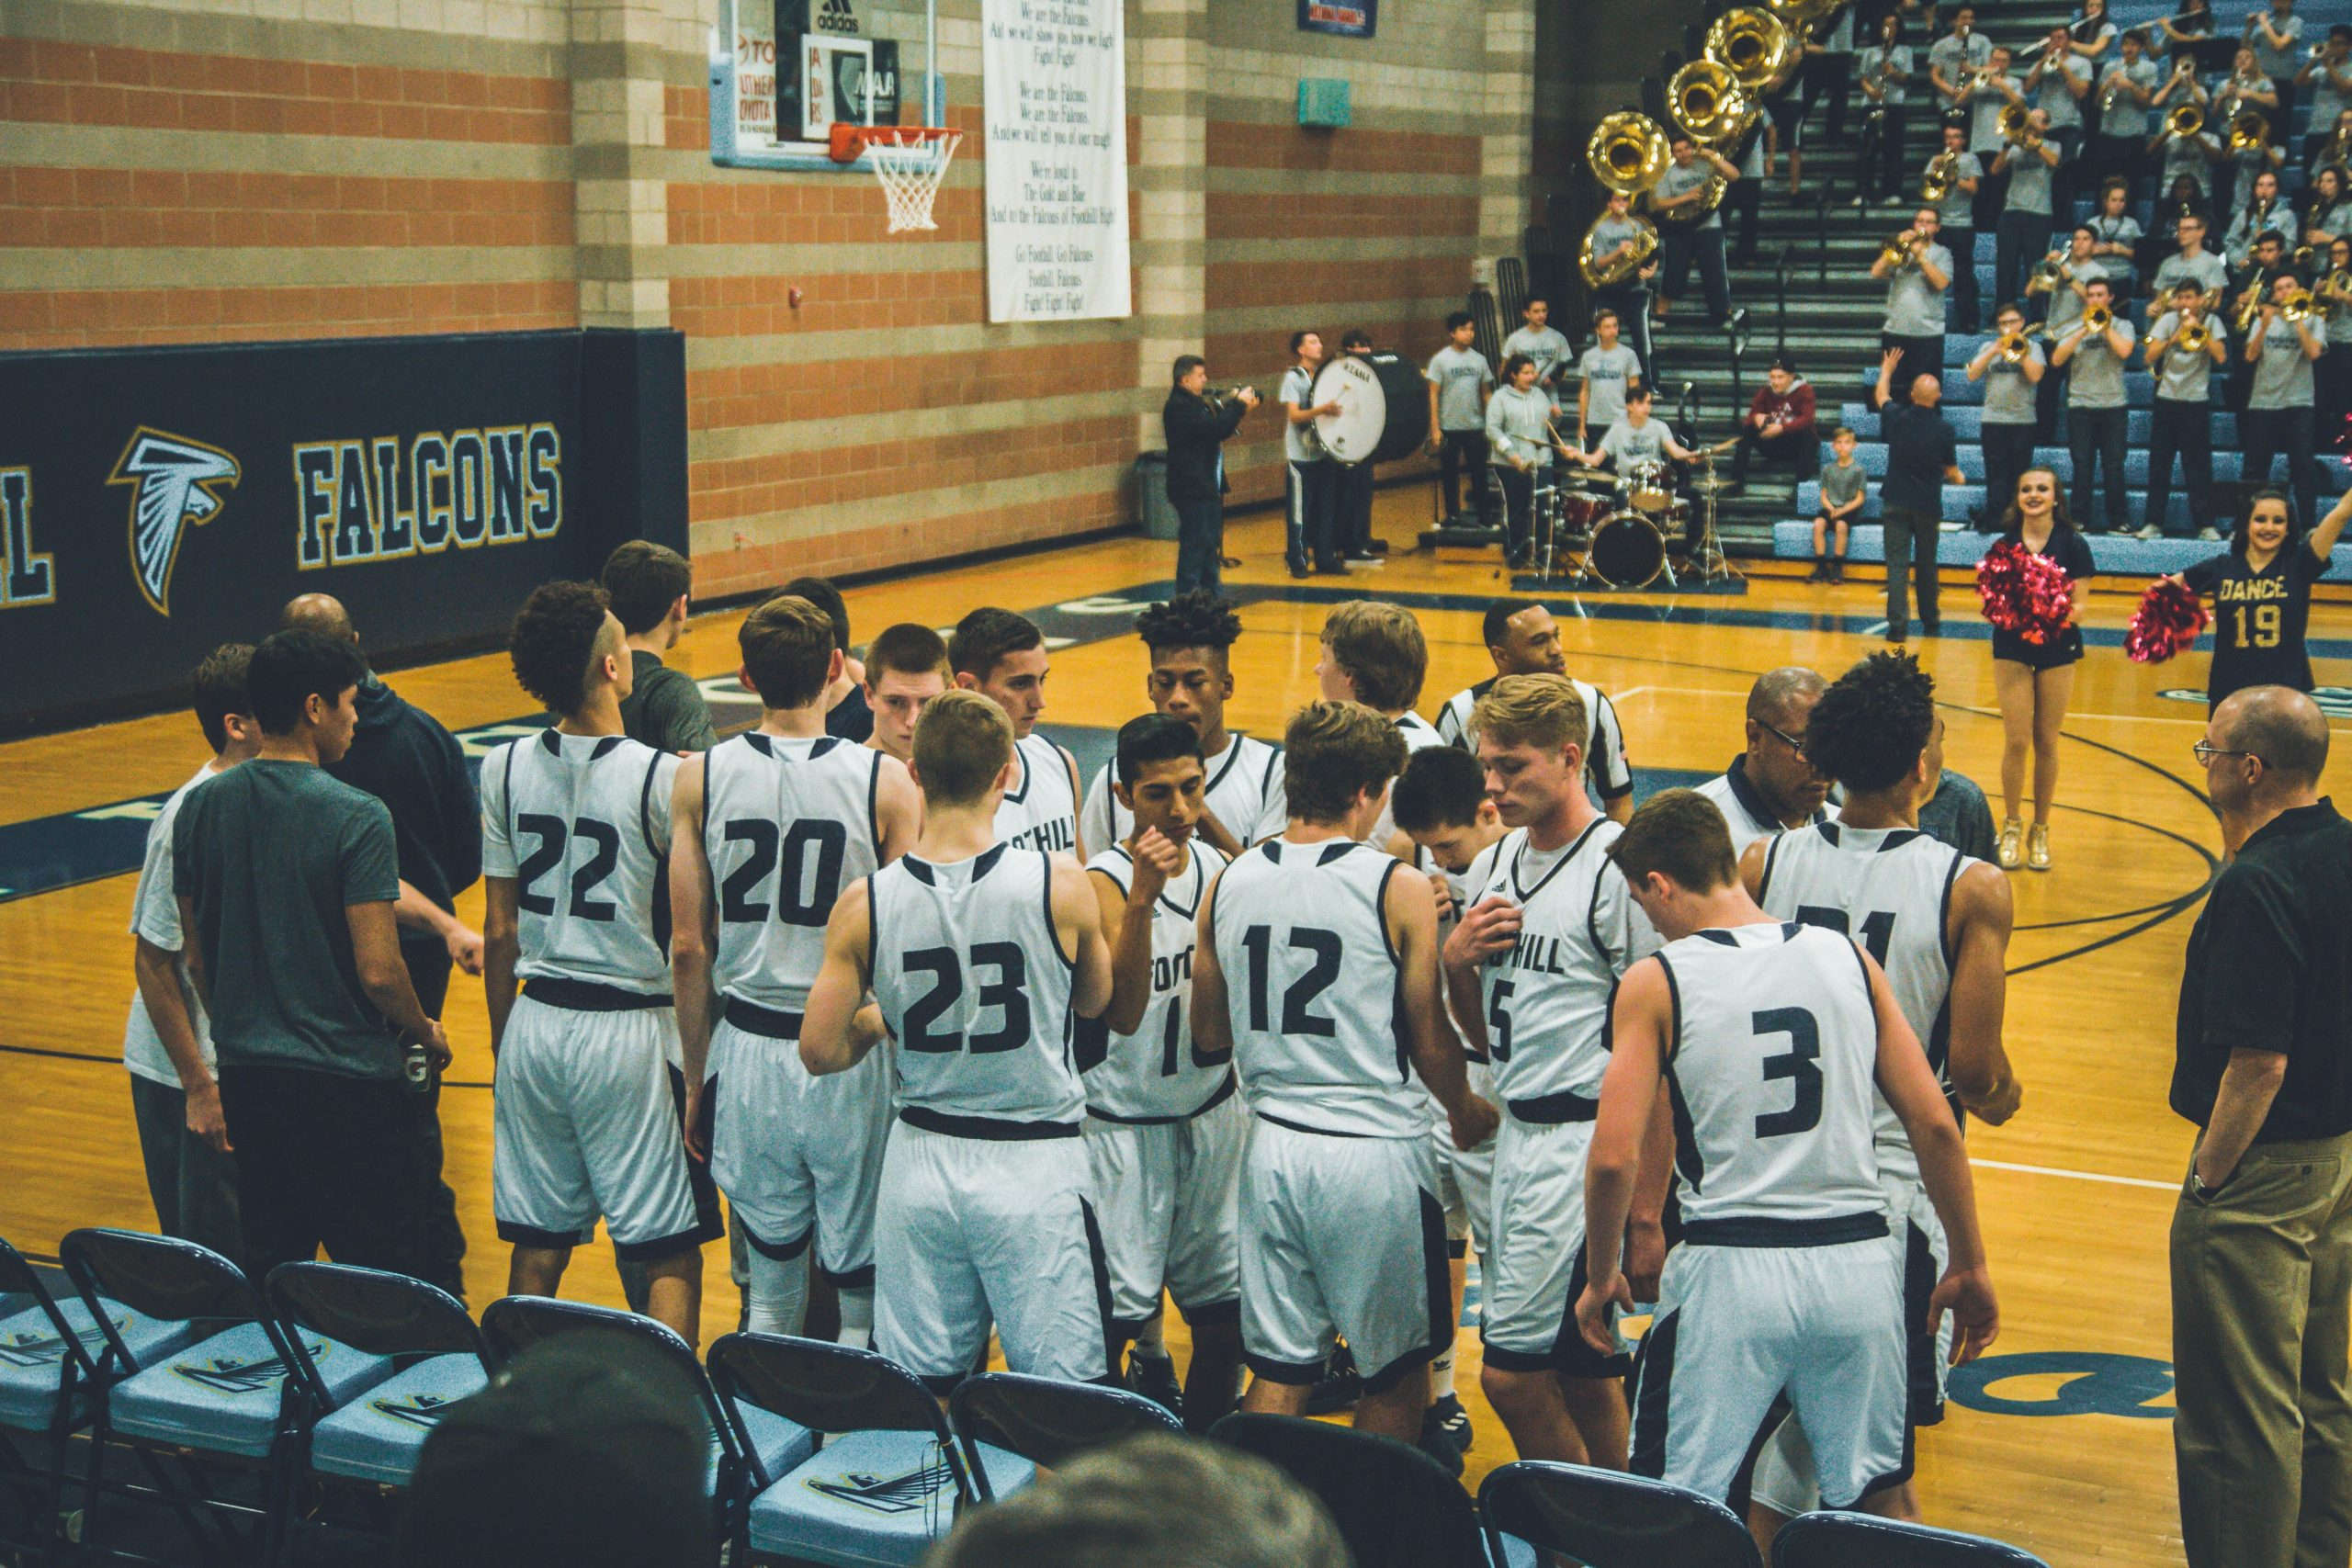 バスケは1チーム何人?